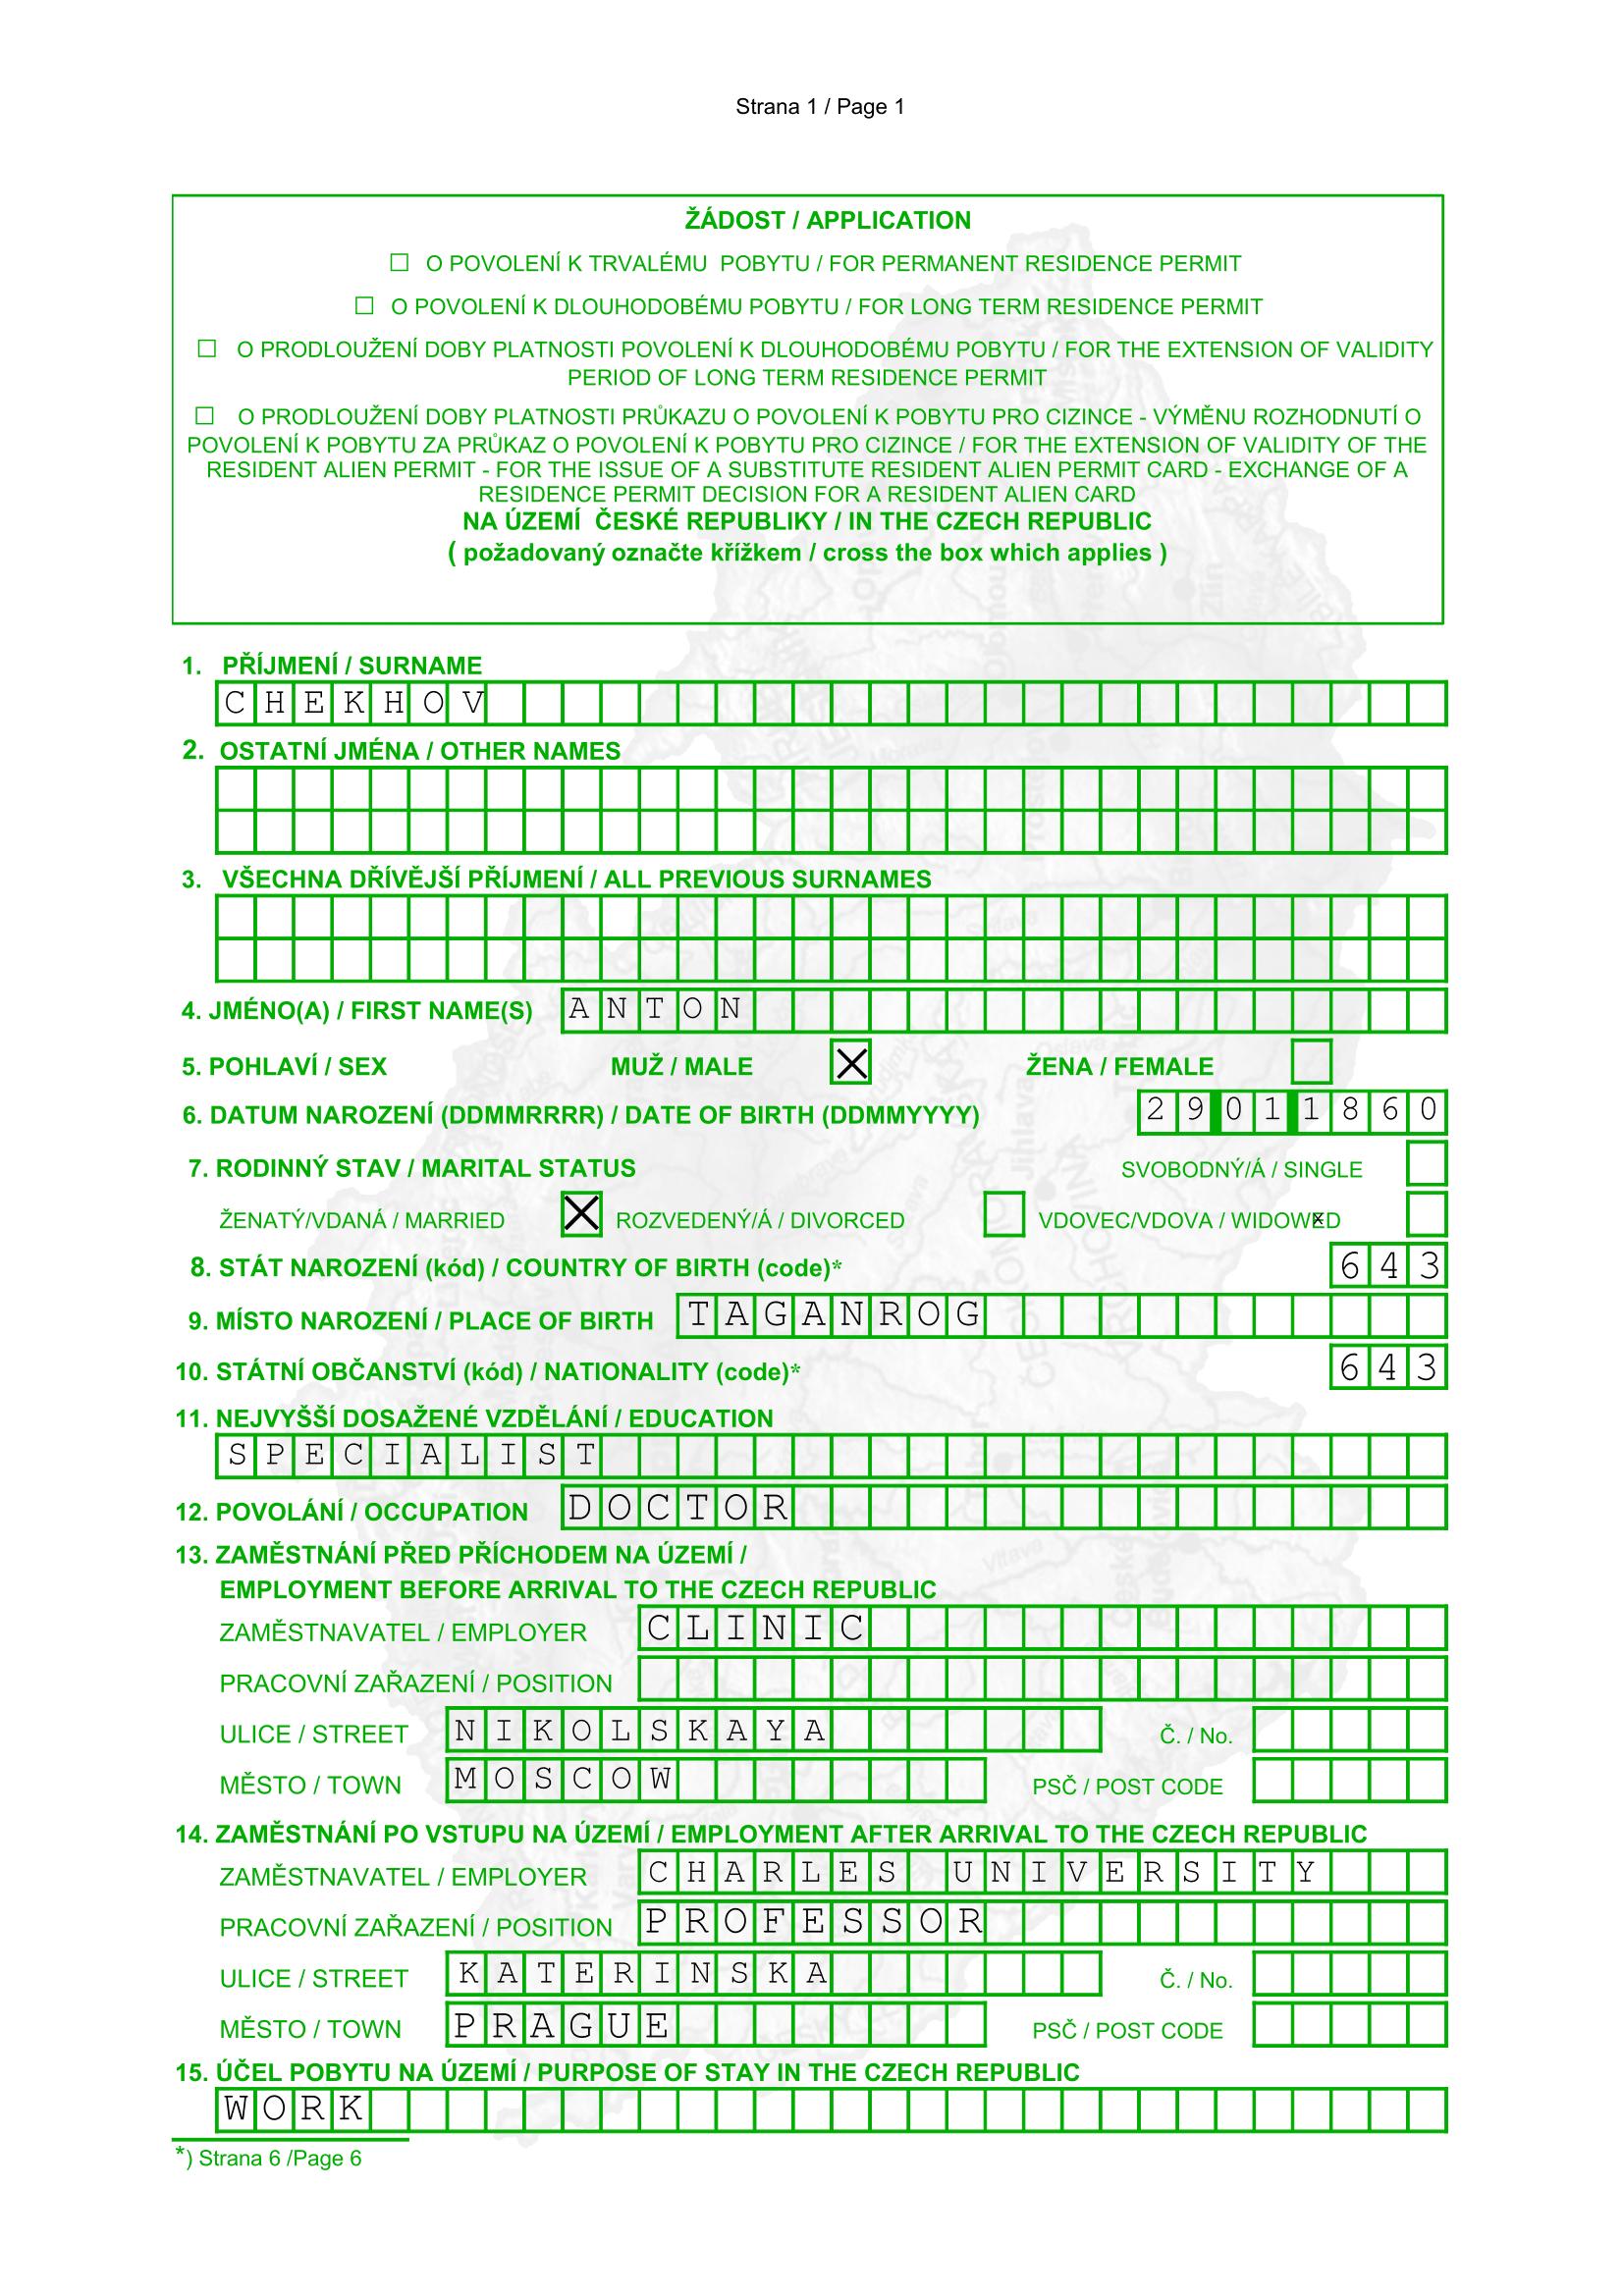 Образец заполнения анкеты. Заполняйте ее латиницей, на английском или чешском языке, обязательно печатными буквами